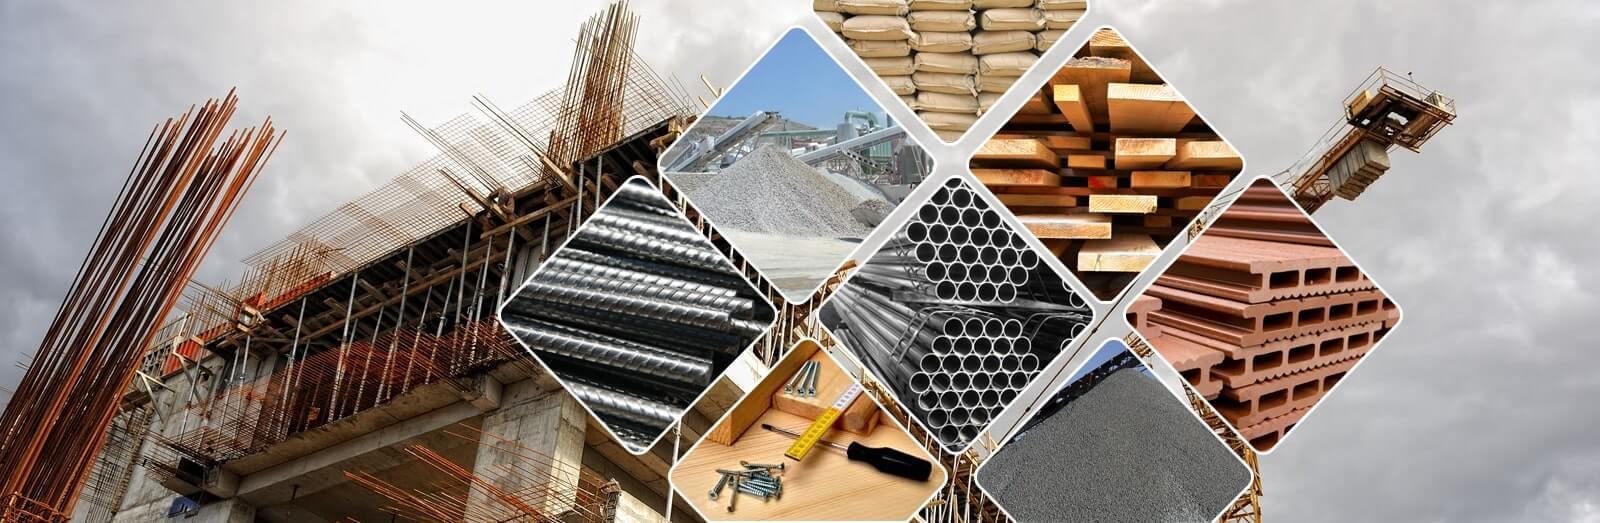 Специальные свойства строительных материалов